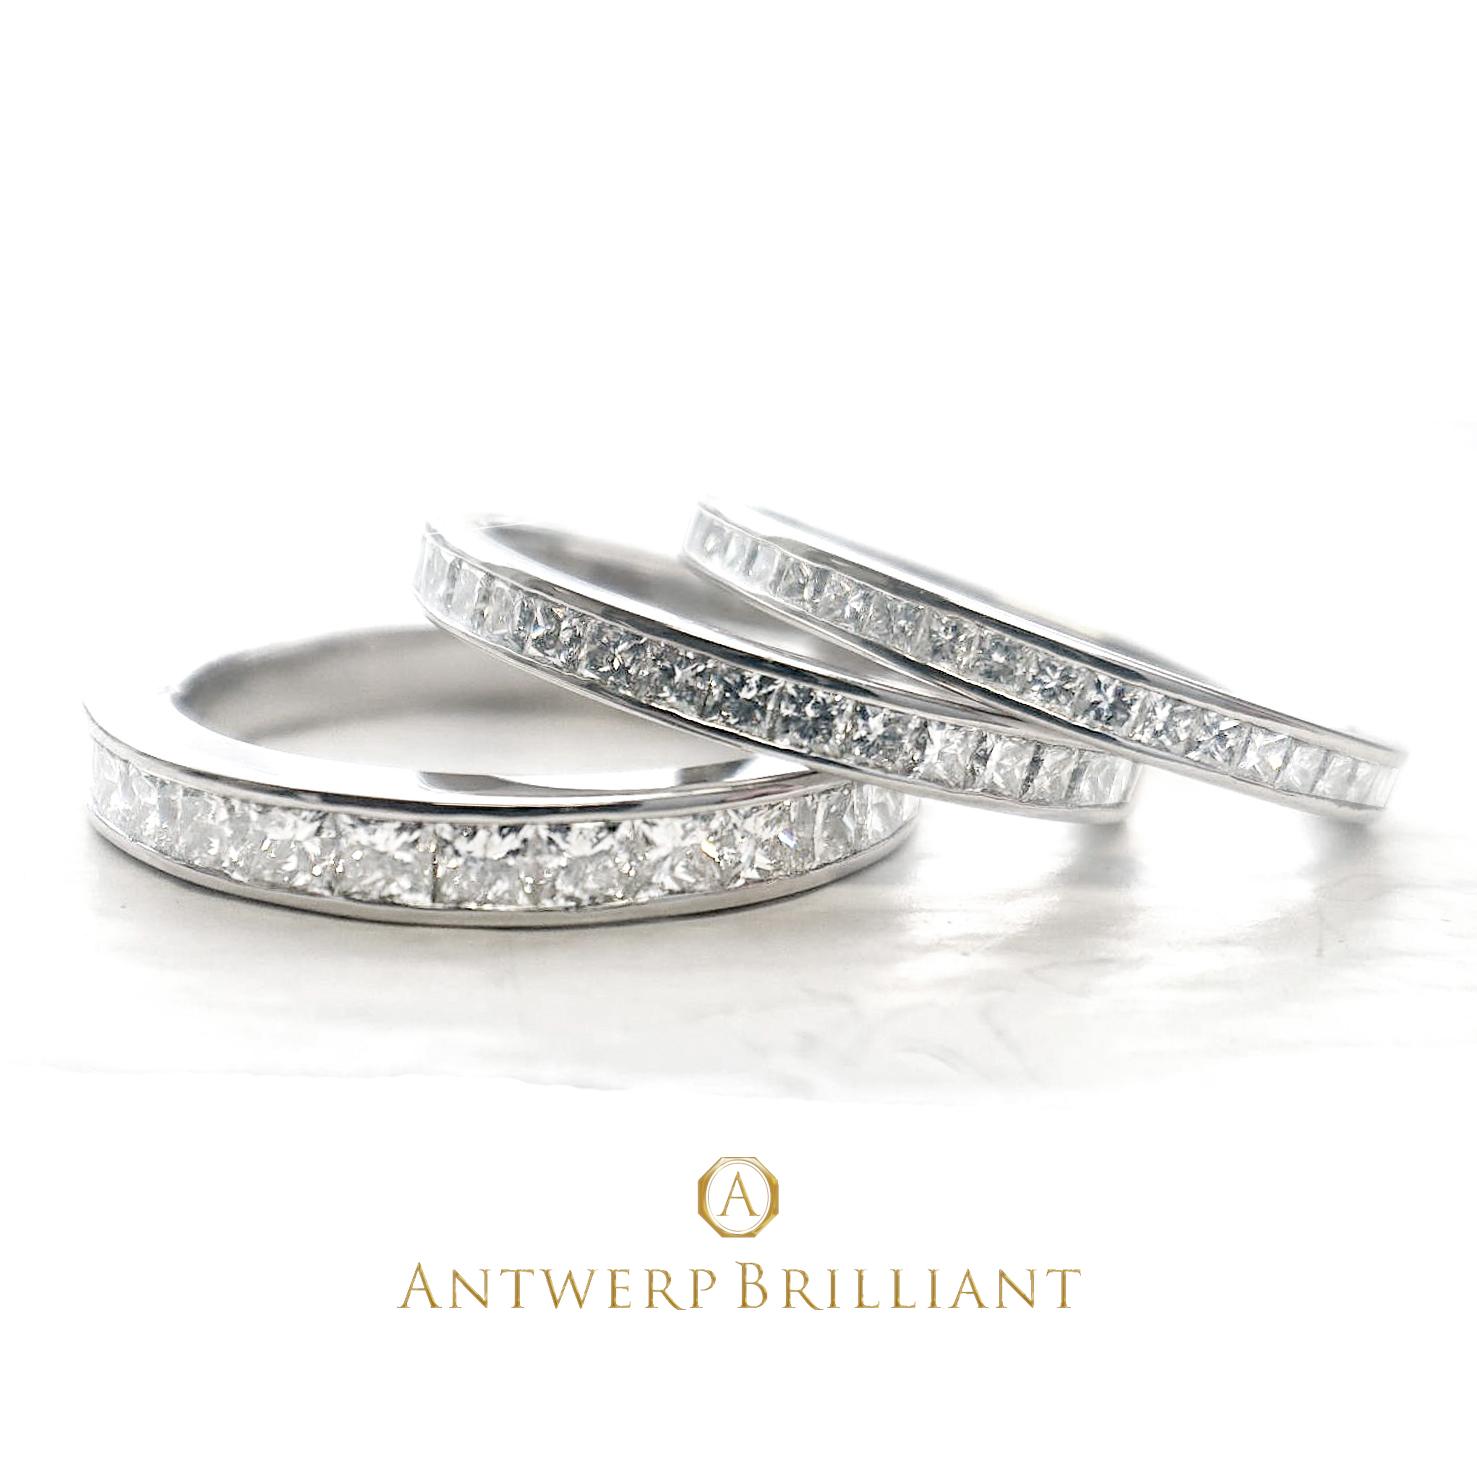 BRIDGE銀座がおすすめするダイヤモンドが美しい華やかなハーフエタニティーの婚約指輪と結婚指輪